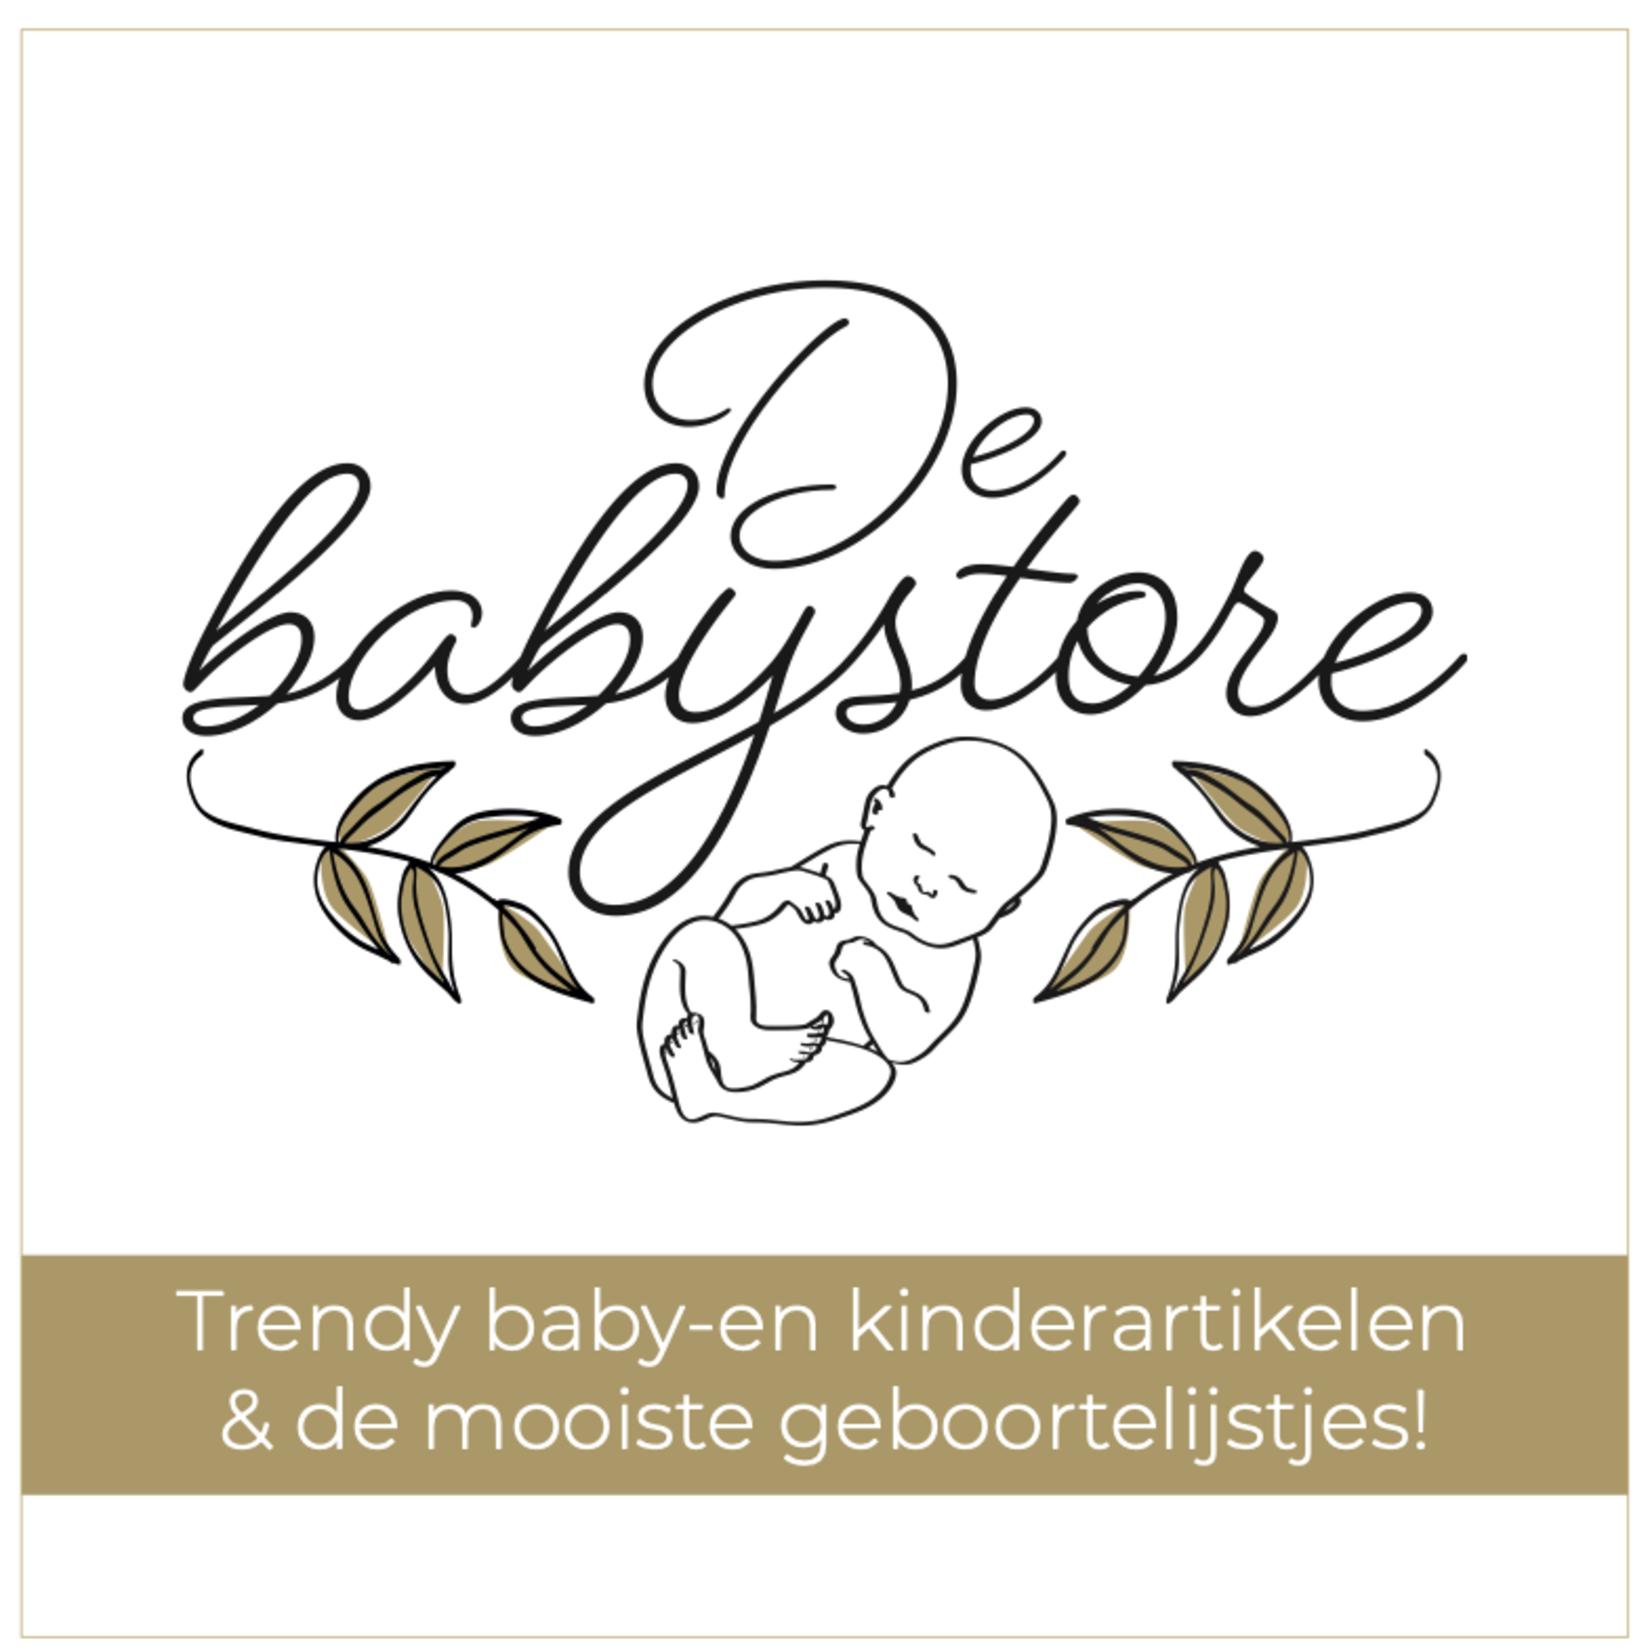 De babystore De babystore Digitale Geschenkbon 25 euro